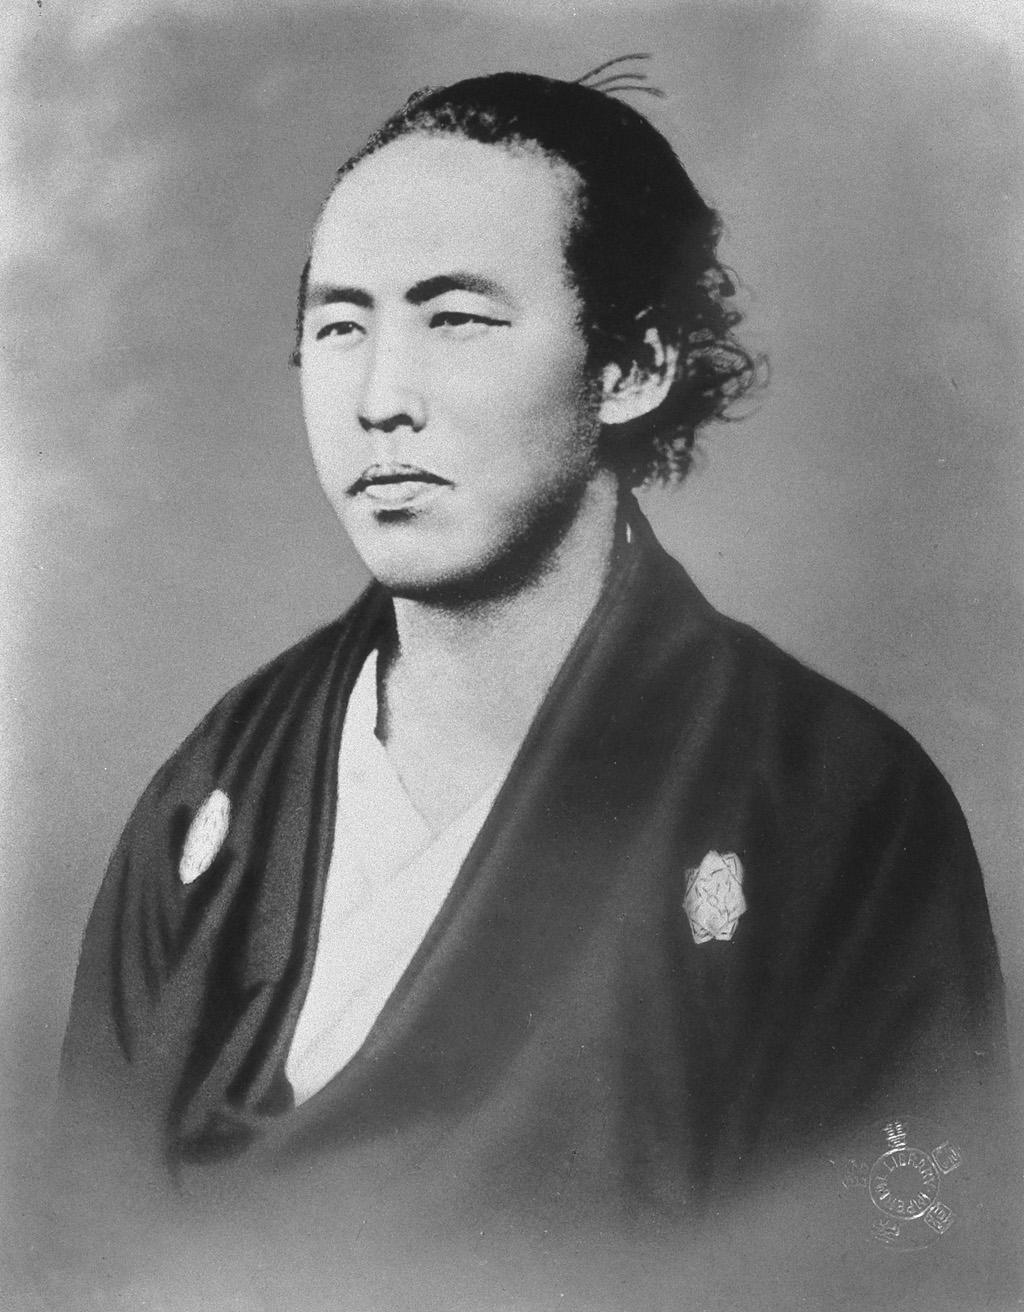 坂本龍馬の白黒写真